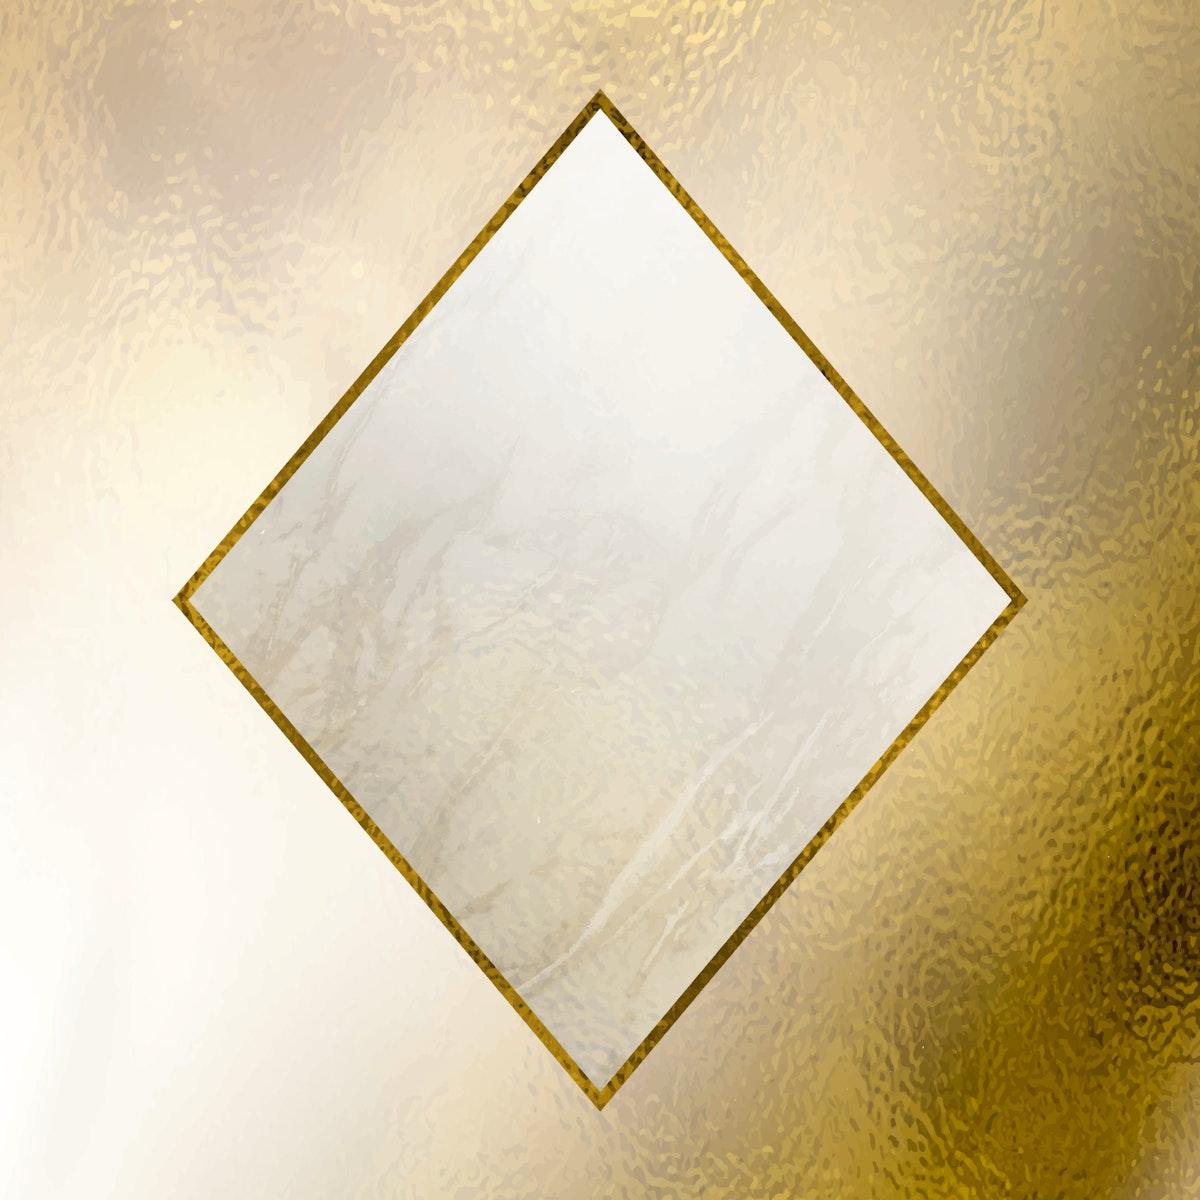 Rhombus gold frame mobile phone wallpaper vector